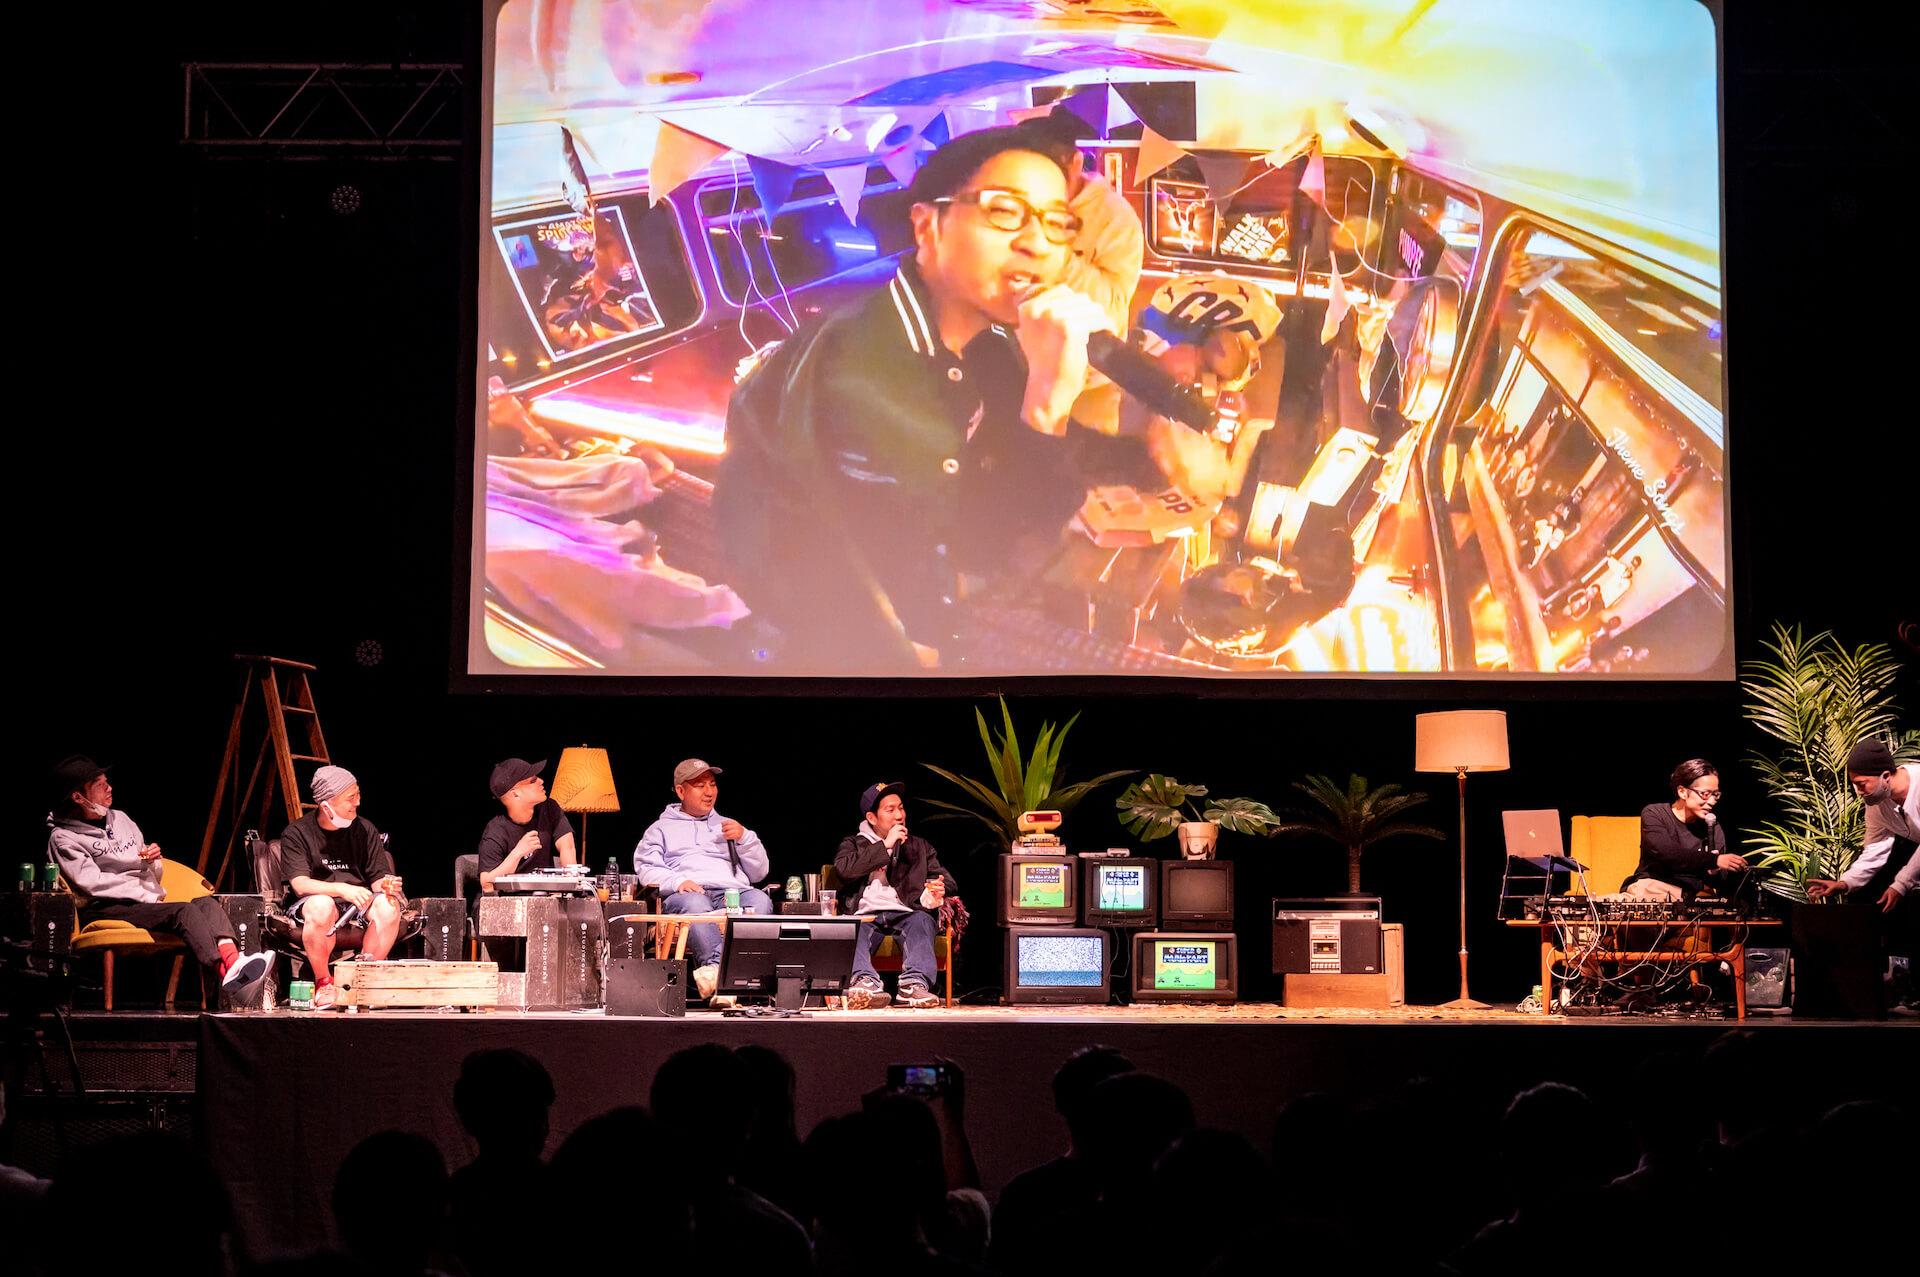 エグいネタバレは「エモい!」じゃすまされない、えもいわれぬ体験|PUNPEEが再定義したトークイベントの価値 music210709_punpee-tongpoo-06